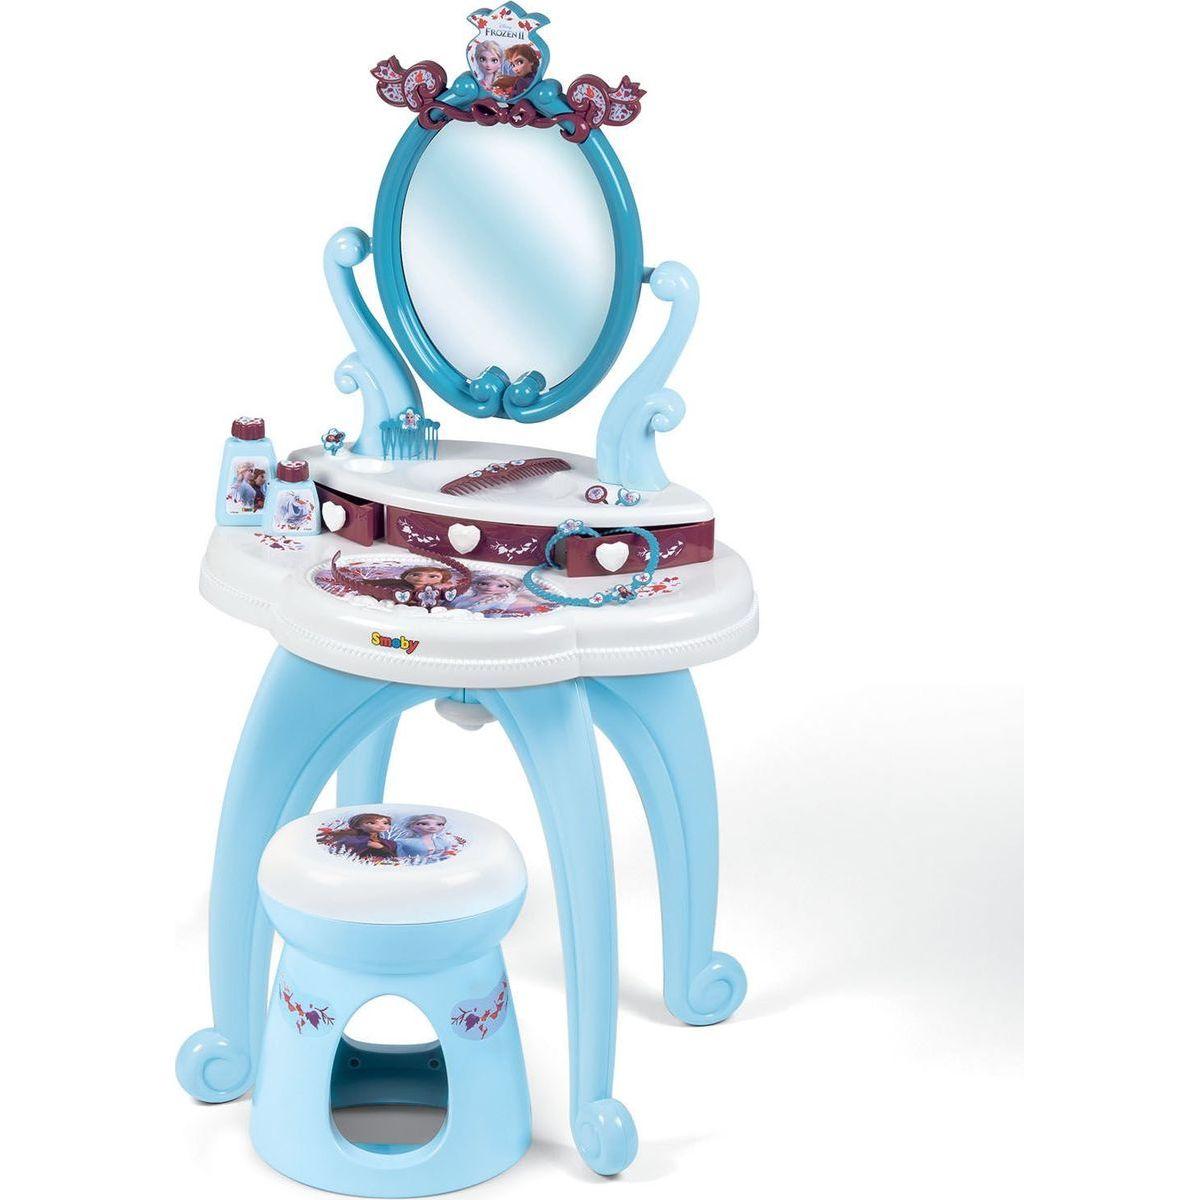 Smoby Ľadové kráľovstvo 2 Toaletný stolík so stoličkou 2v1